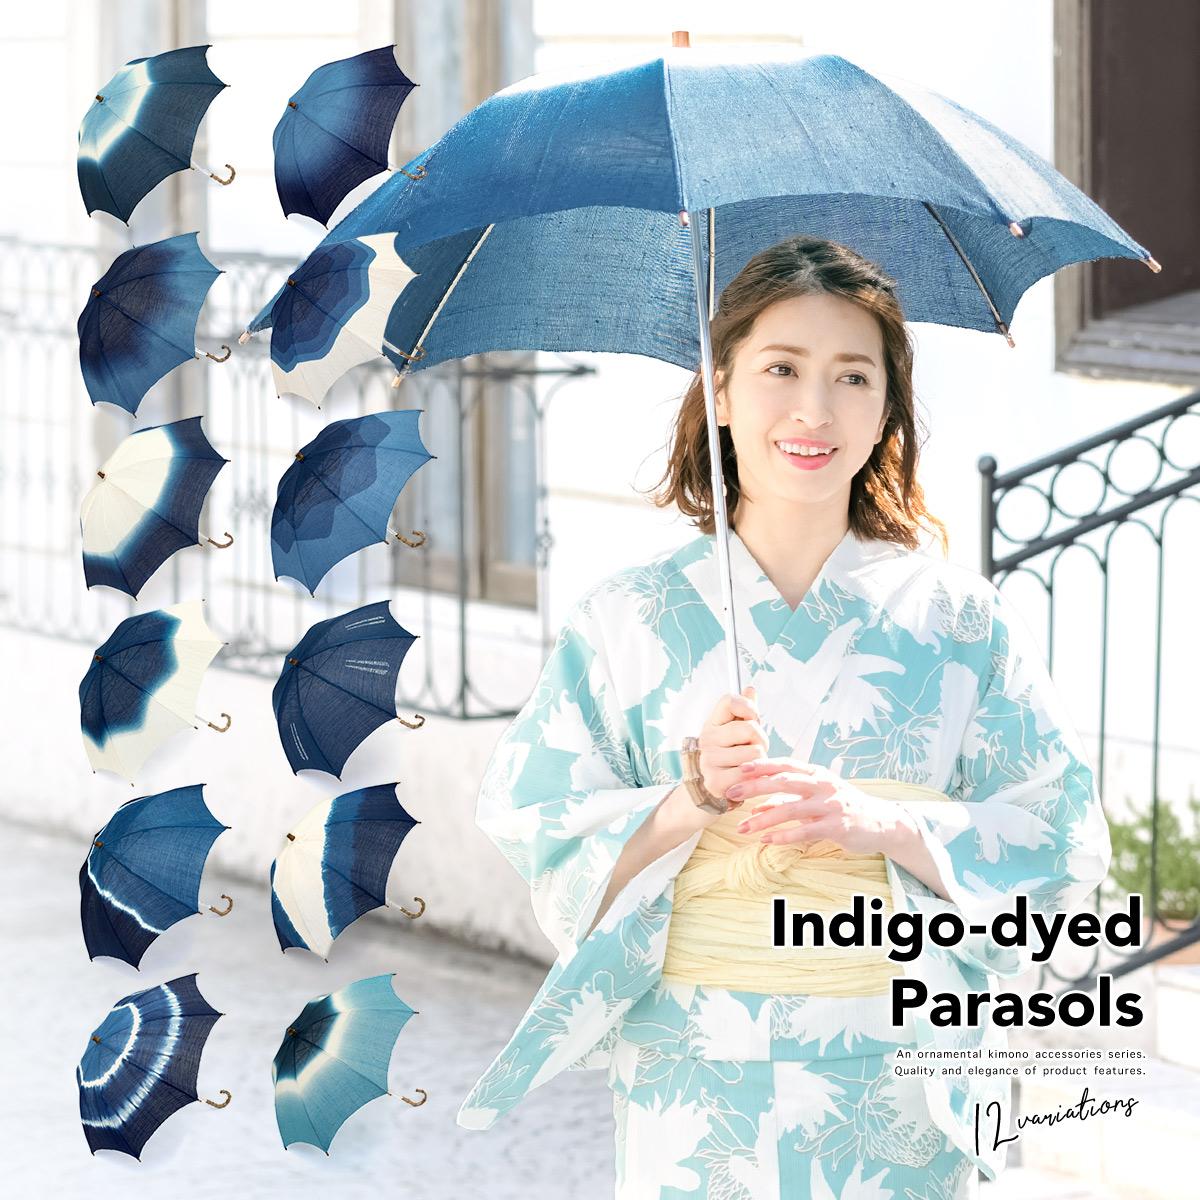 日傘 おしゃれ 長傘 和柄 藍染 麻 ブランド レディース 和装小物 日本製 手作り 送料無料 あす楽対応商品